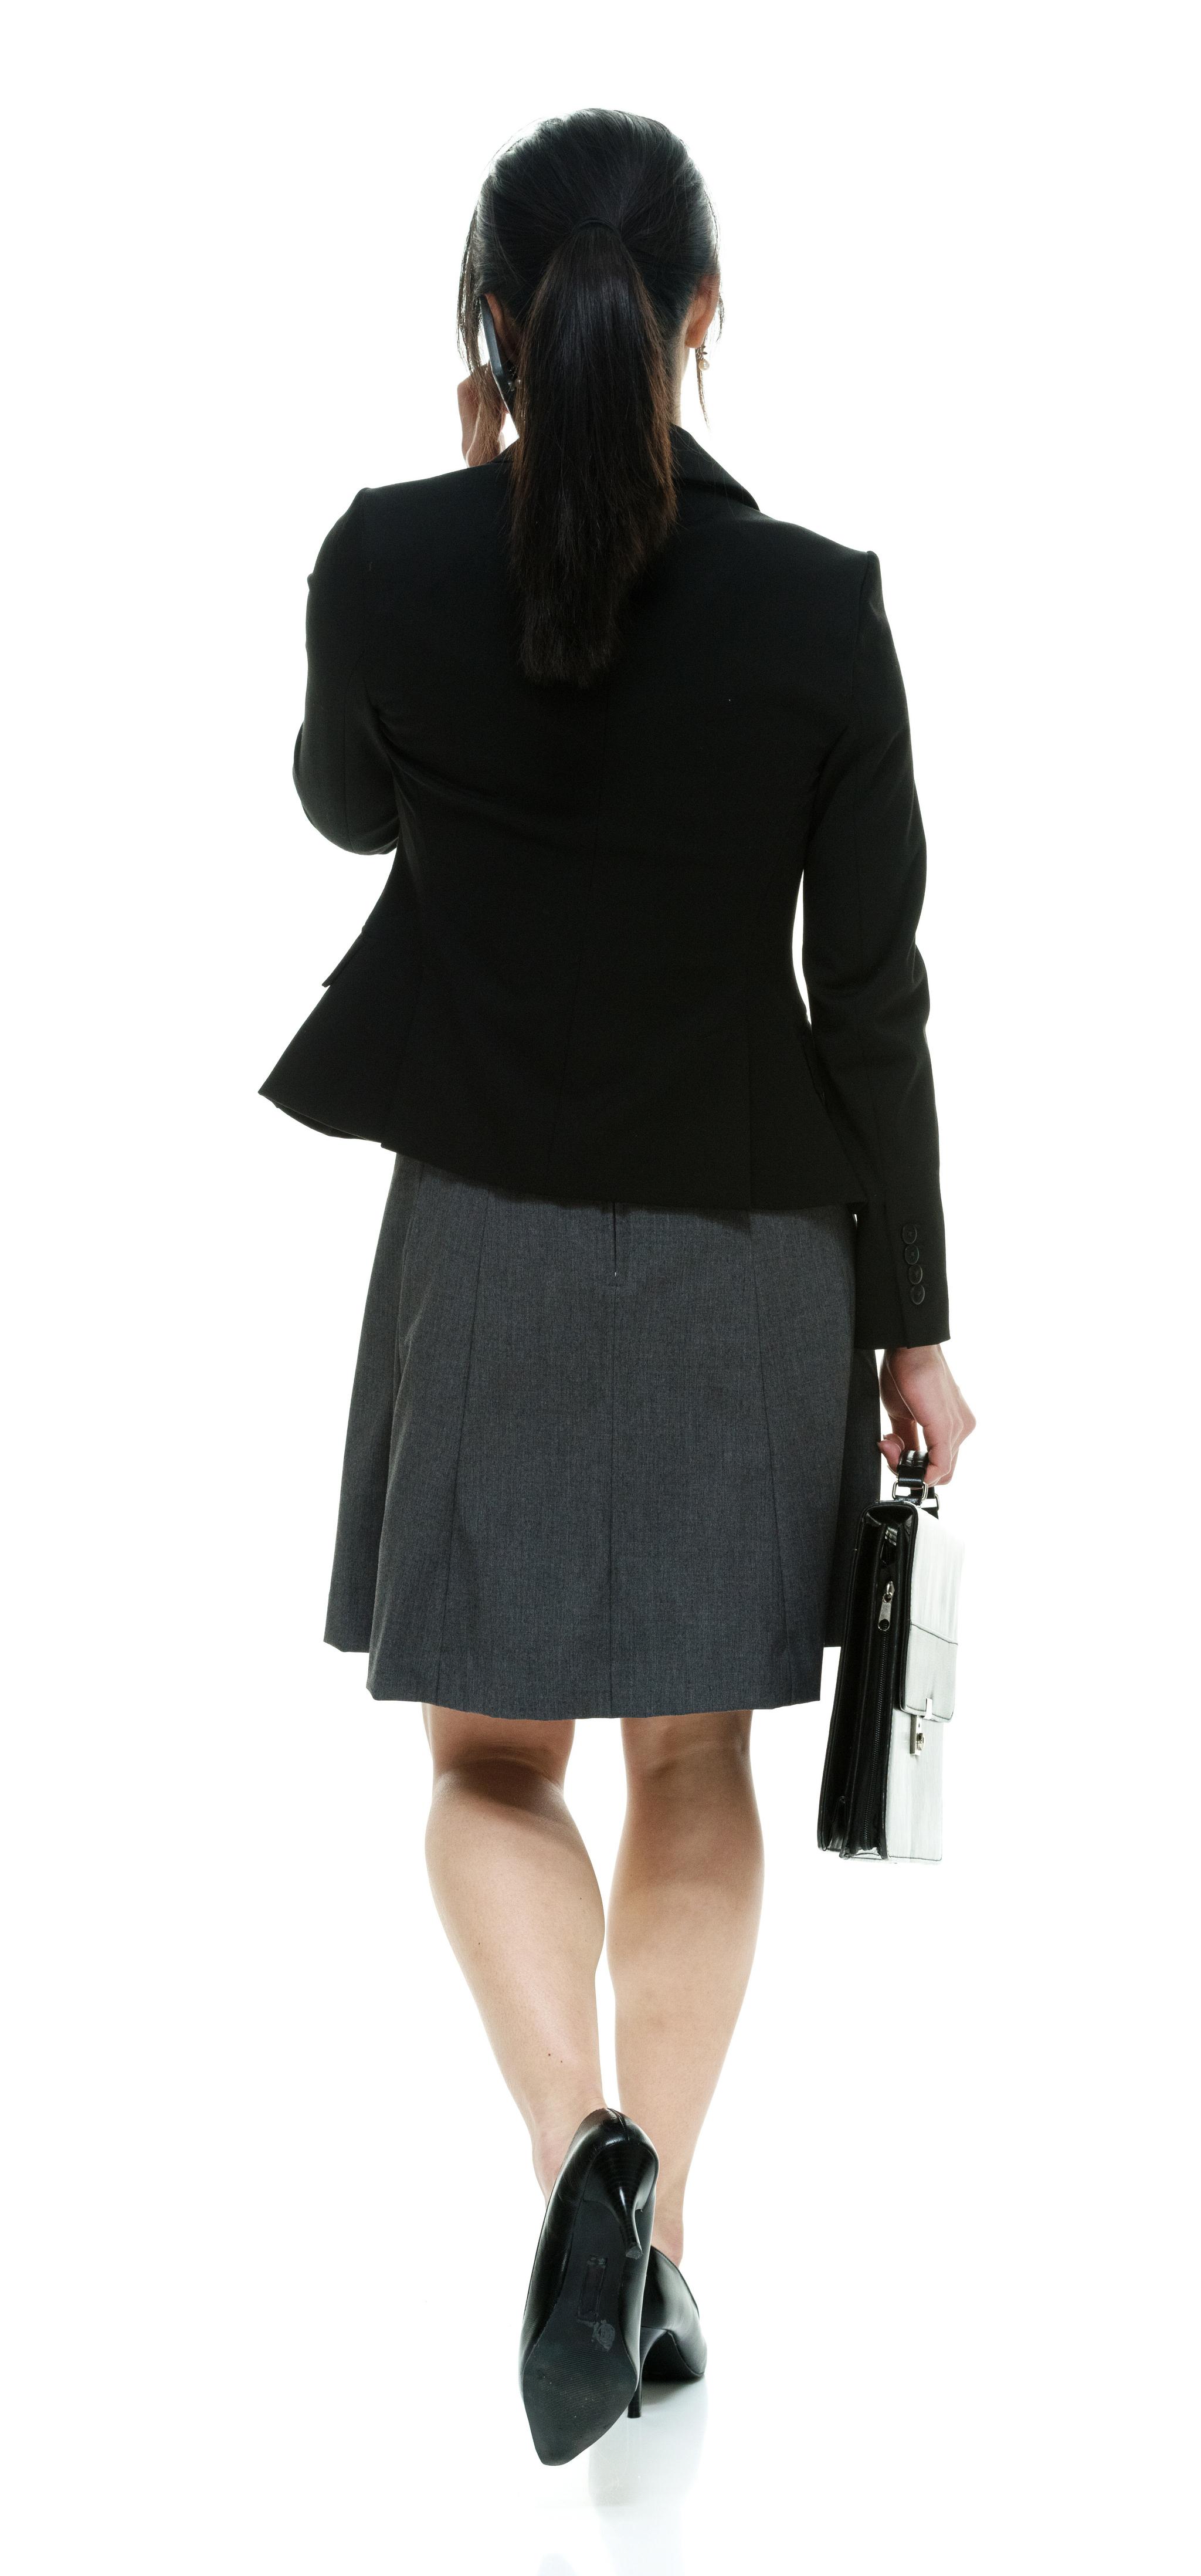 서울시교육청은 3월 8일 '세계 여성의 날'을 맞아 '여학생 인권 가이드'가 담긴 '여학생 인권 보장 안내문'을 초ㆍ중ㆍ고교에 발송했다고 7일 밝혔다. [중앙포토]